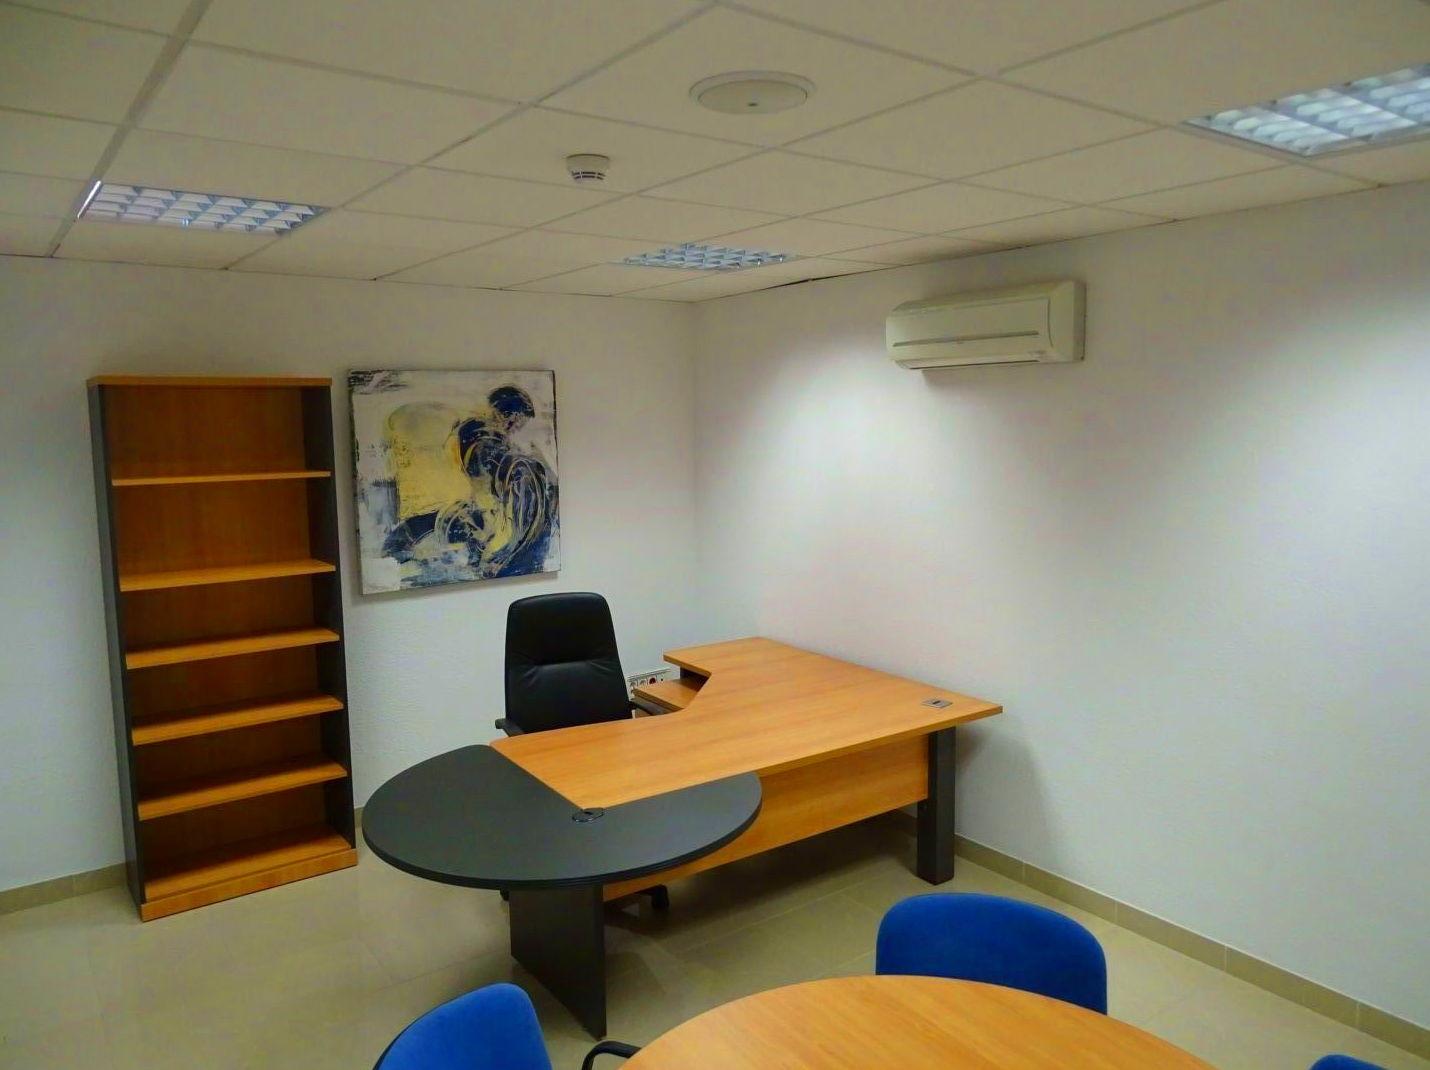 Foto 10 de Alquiler salas totalmente equipadas en Palma de Mallorca | Centro de negocios Son Castelló